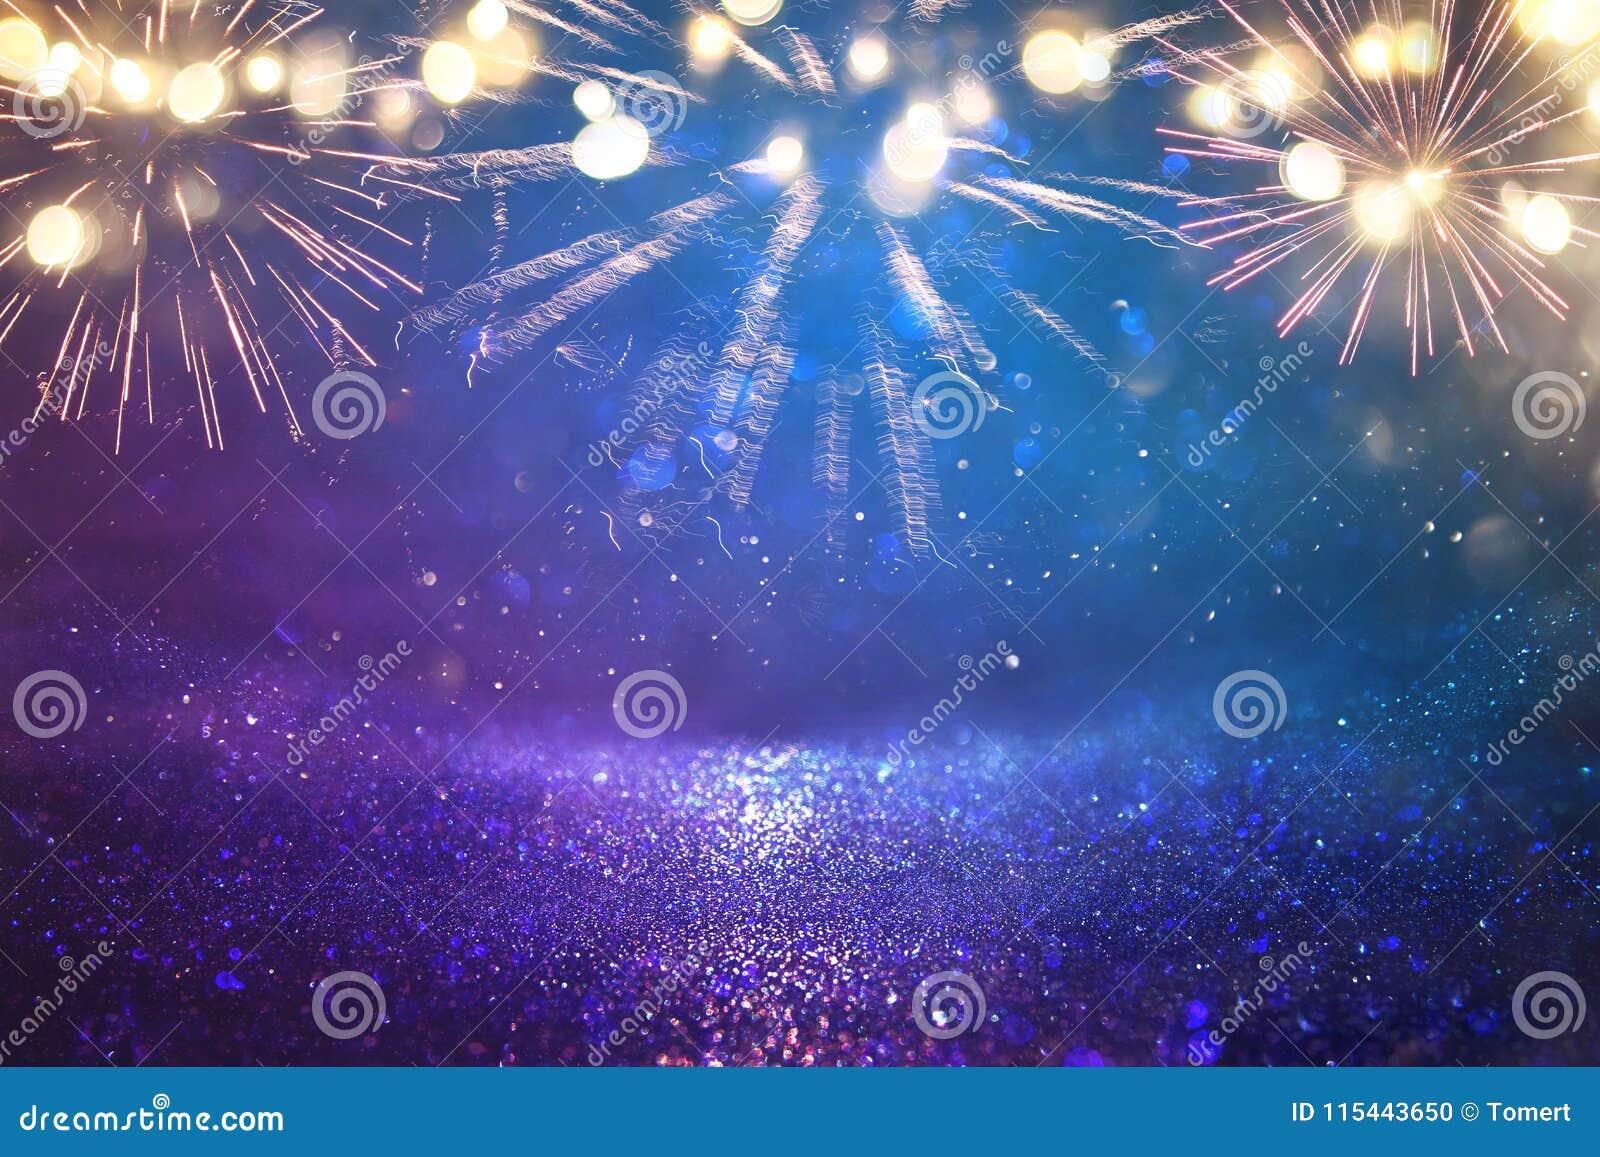 абстрактная чернота, золото и голубая предпосылка яркого блеска с фейерверками Рожденственская ночь, 4-ая из концепции праздника